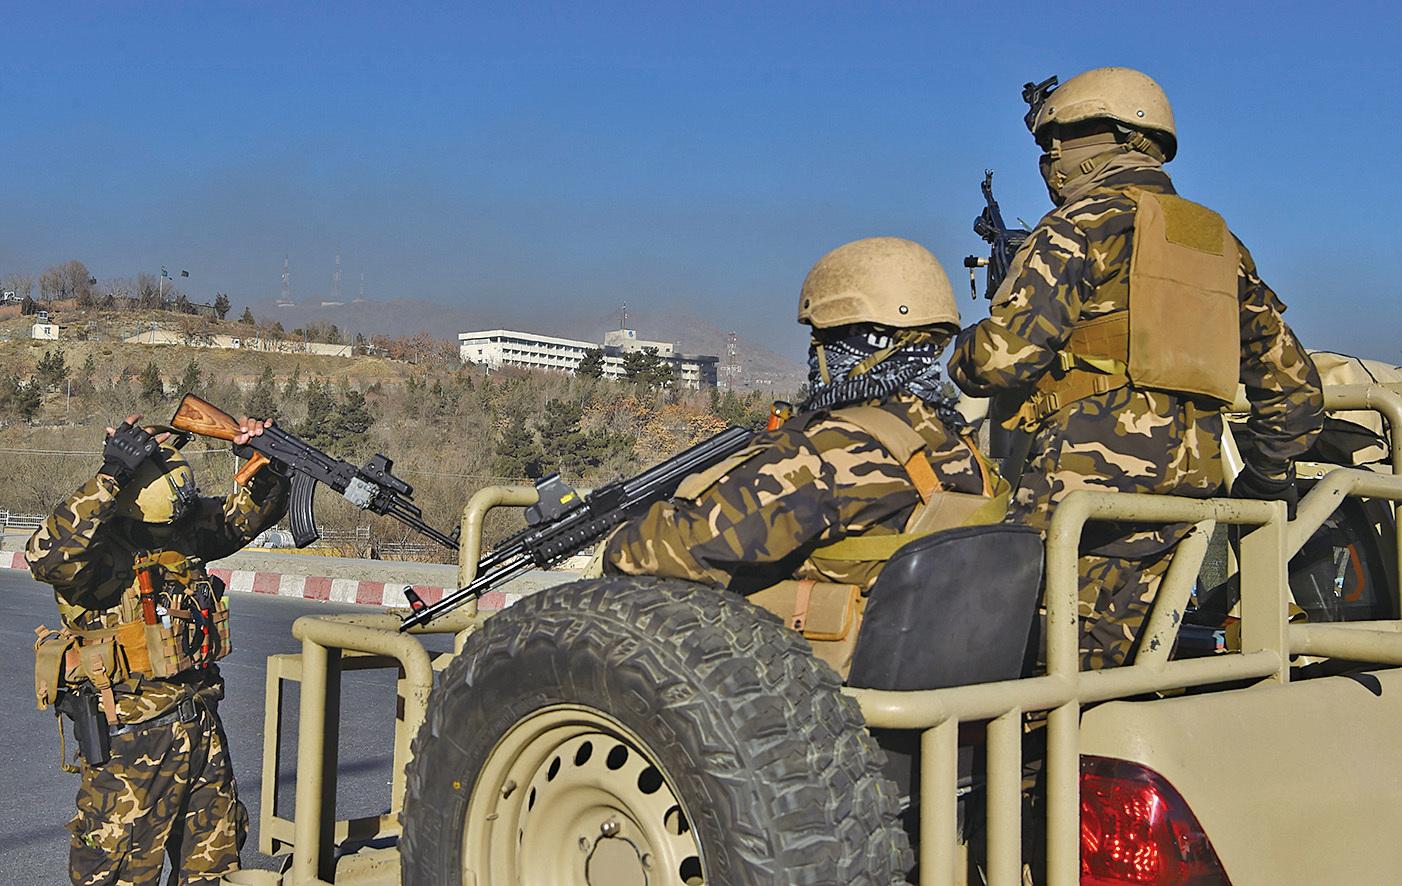 阿富汗豪華酒店遭襲數十死